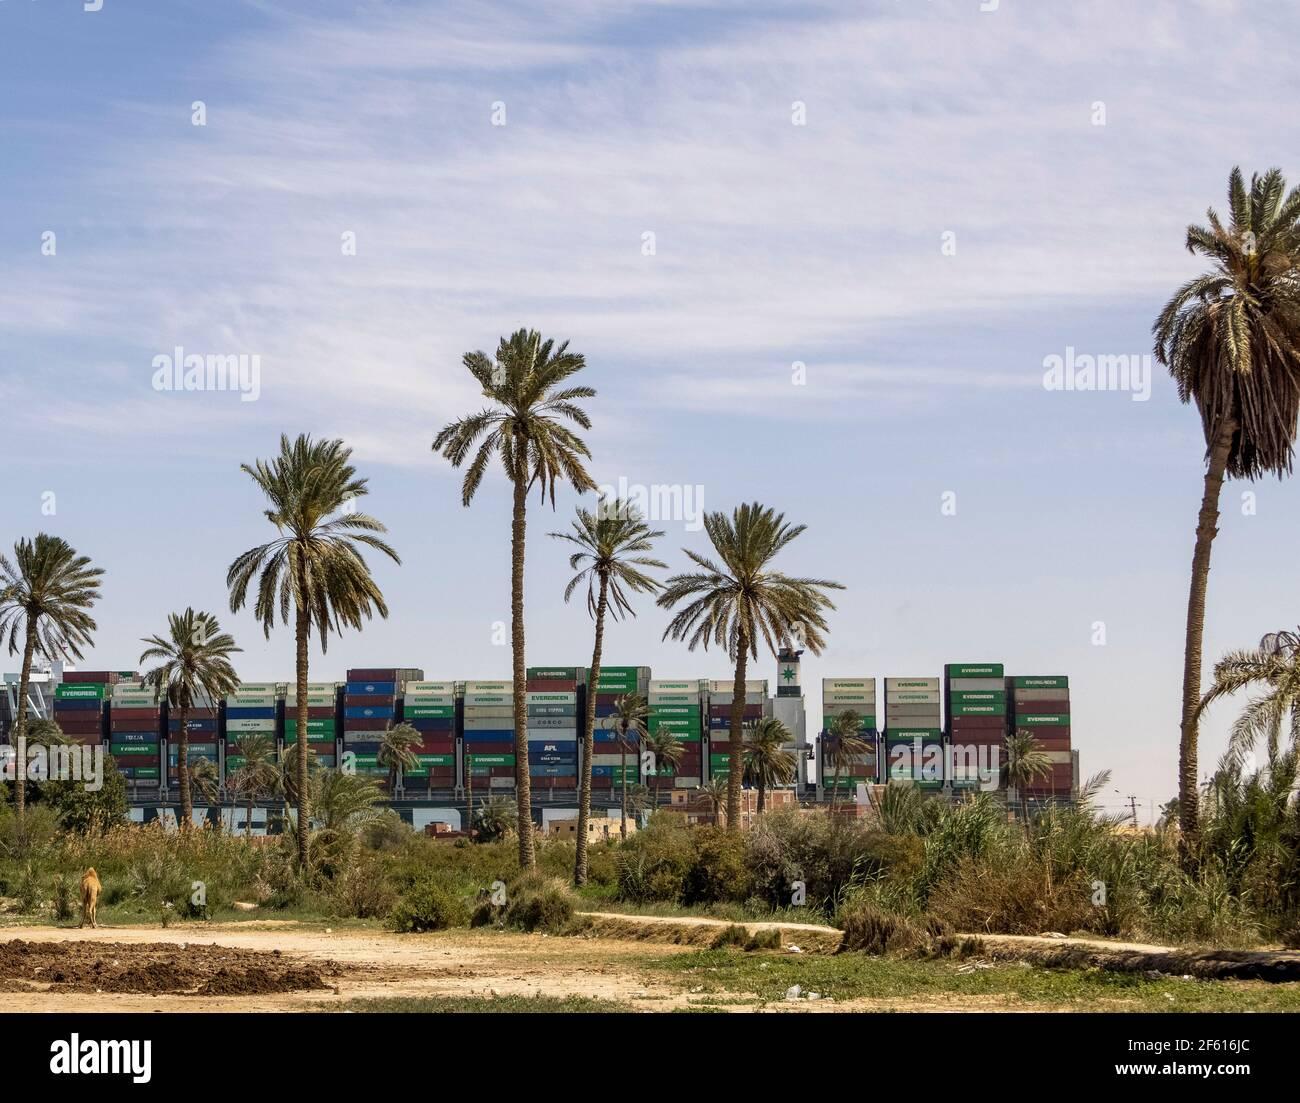 Villaggio di Manshiat al-Rahula, vicino a Suez, Egitto. 29 Mar 2021. L'Everdoned galleggia infine parallelamente al canale di Suez mentre un cammello guarda sopra. B. O'KANE/A. Foto Stock